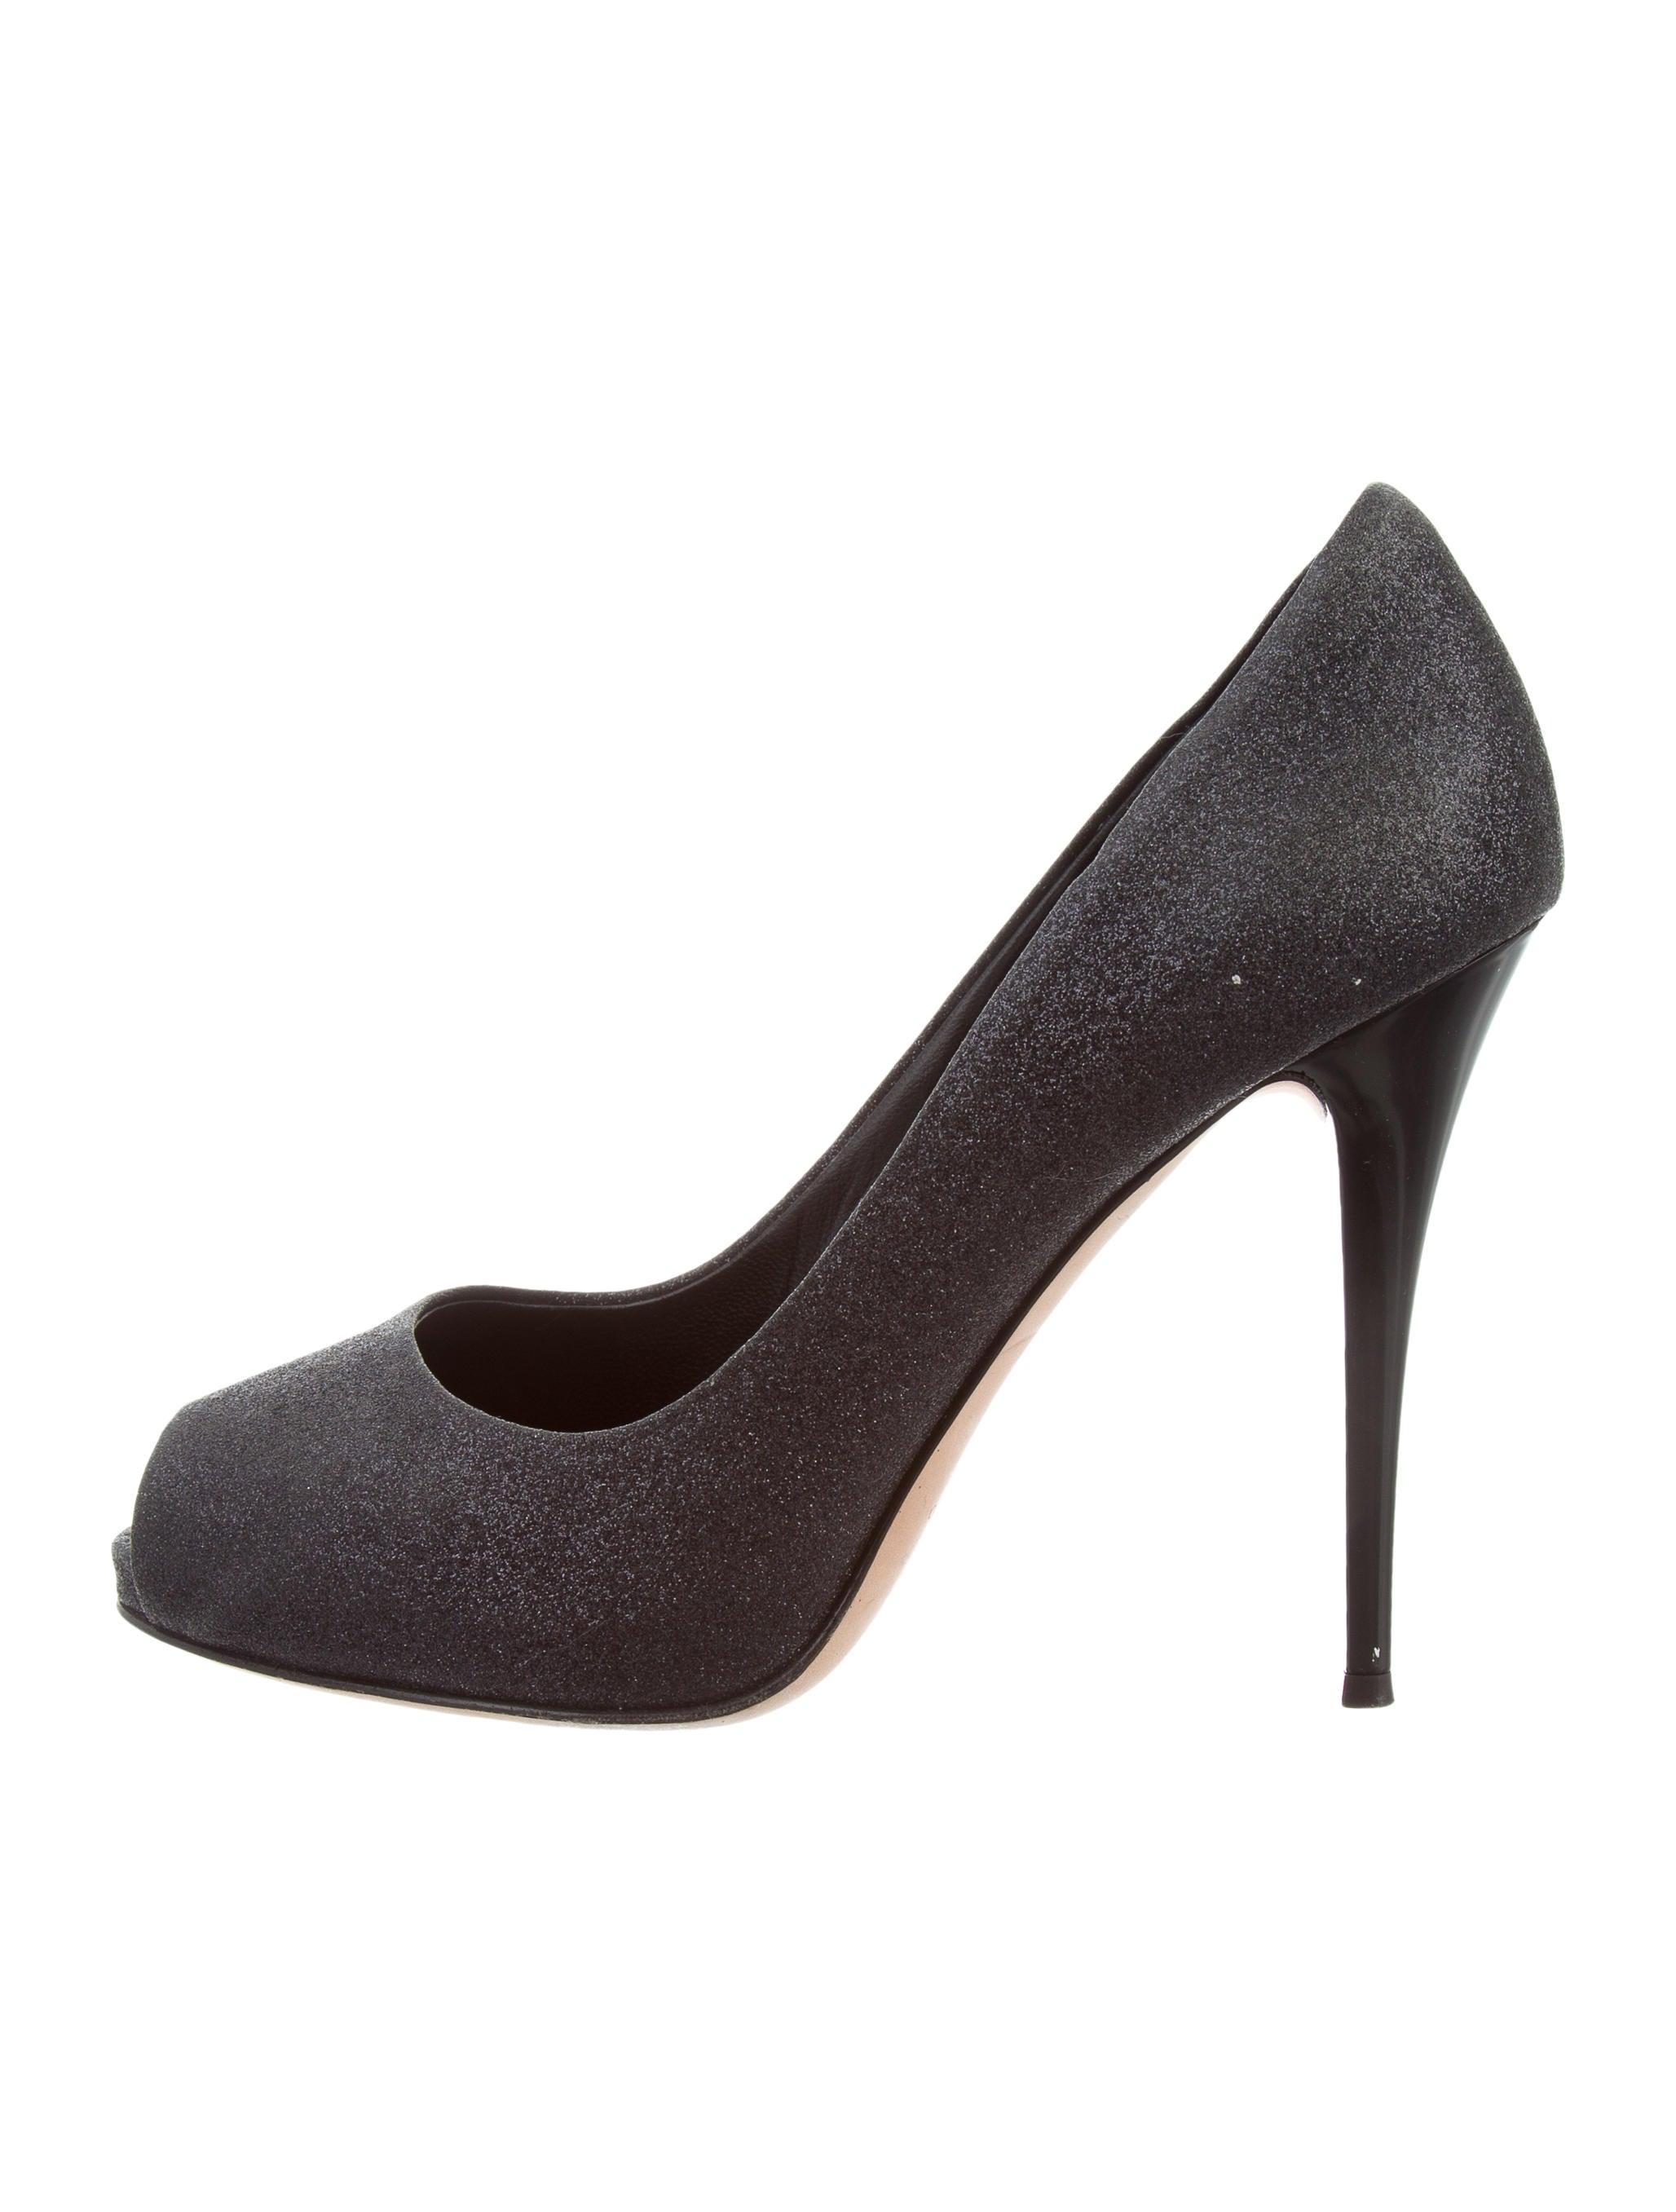 37d9d5b224 Giuseppe Zanotti Stockists London Young Thug Shoe Size   MasterBrace